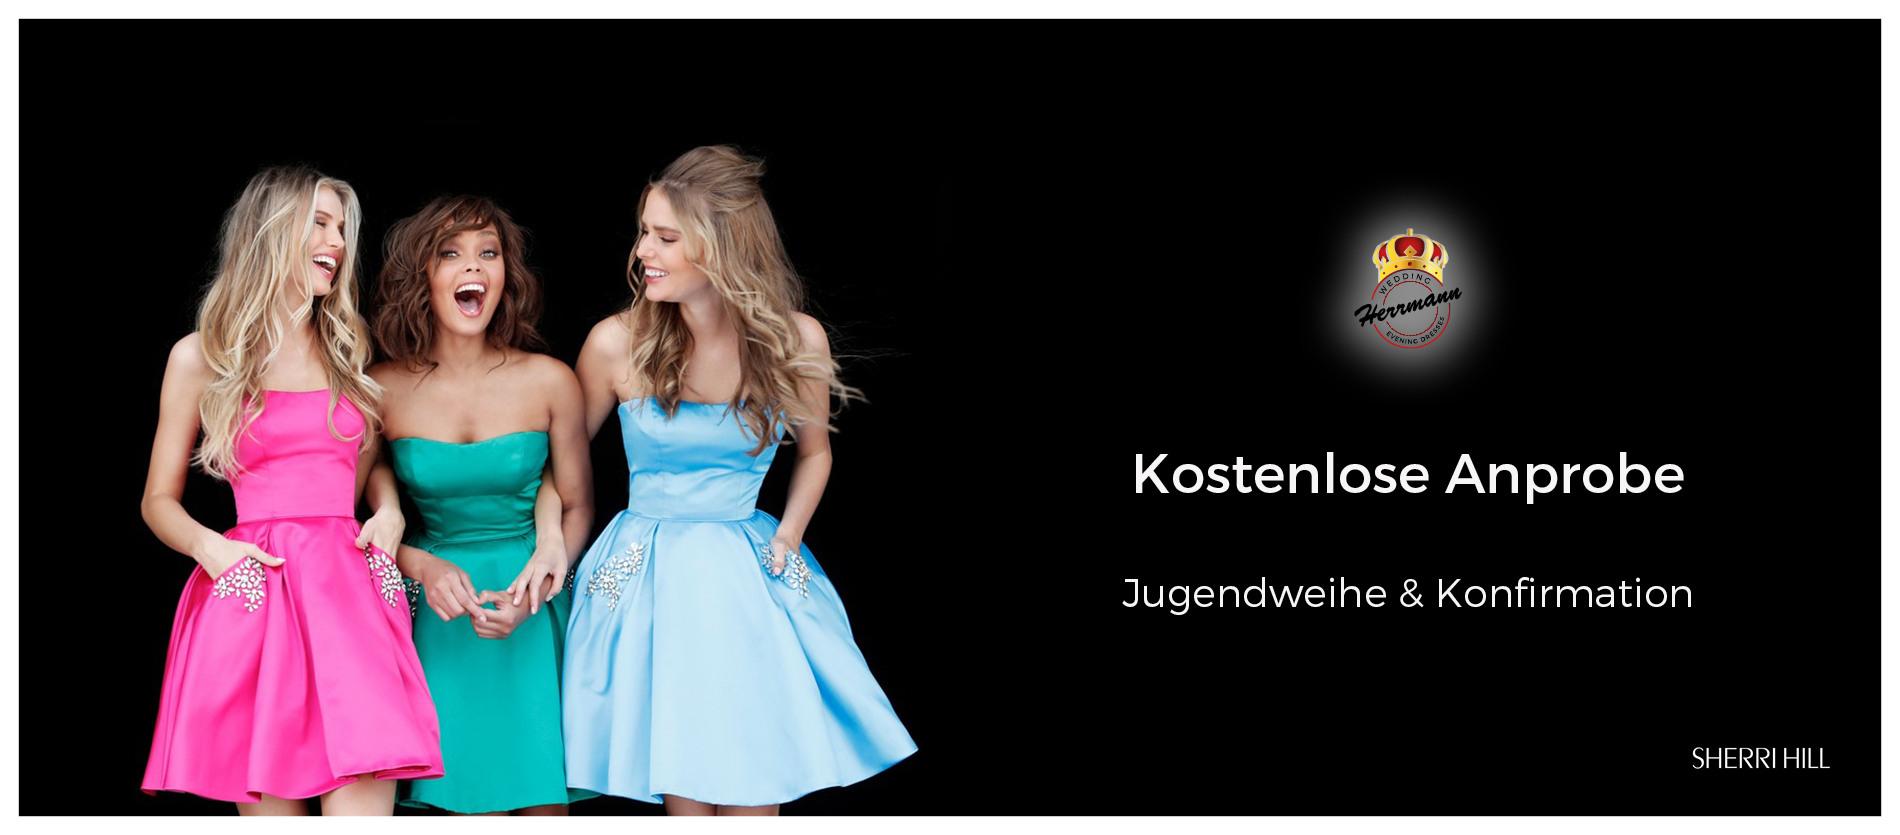 20 Wunderbar Abendkleid Dresden SpezialgebietAbend Schön Abendkleid Dresden Design